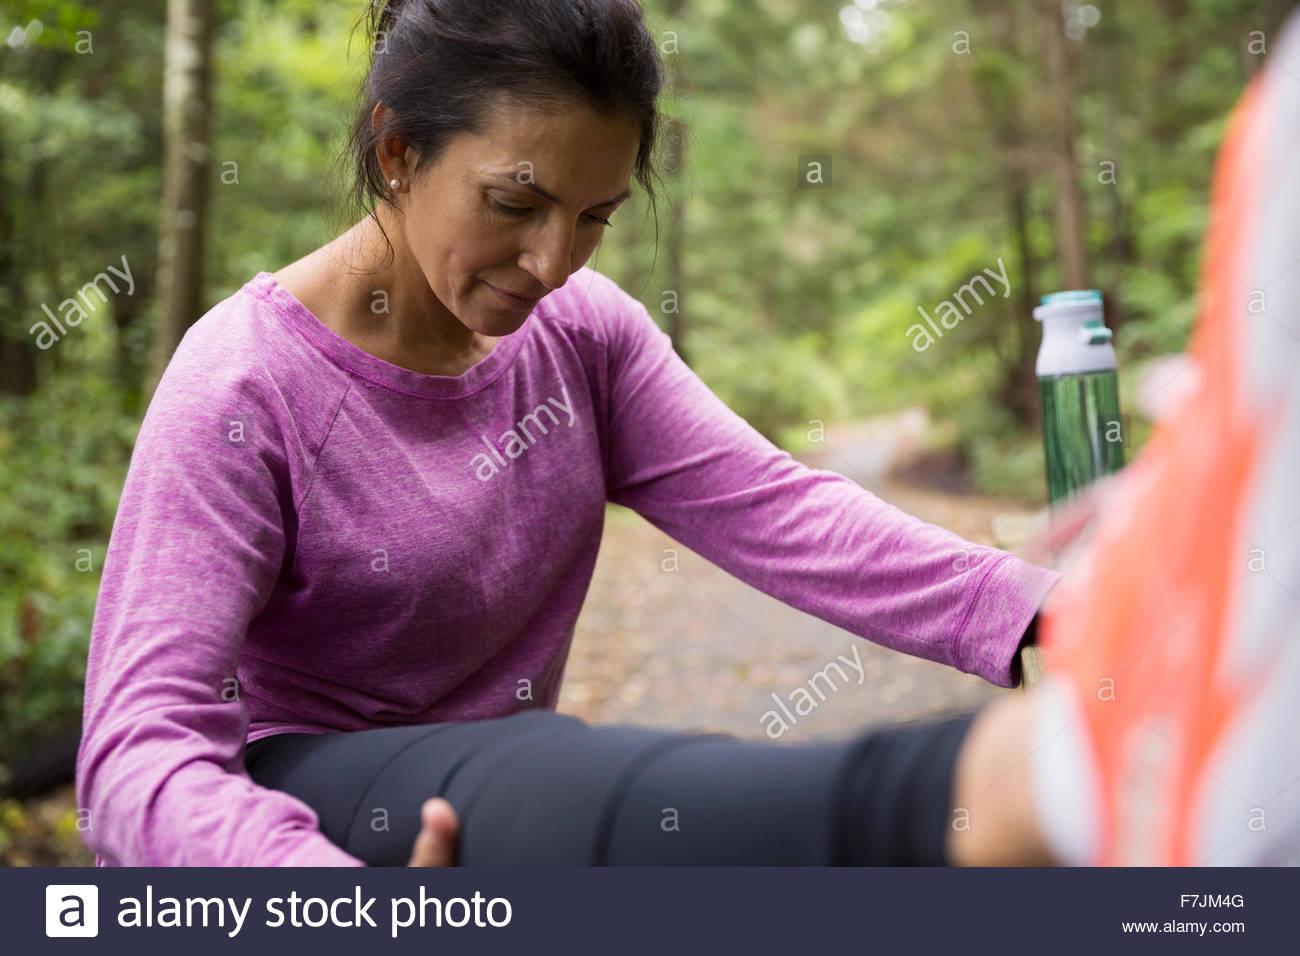 Woman stretching leg préparation de l'exécution dans les bois Photo Stock